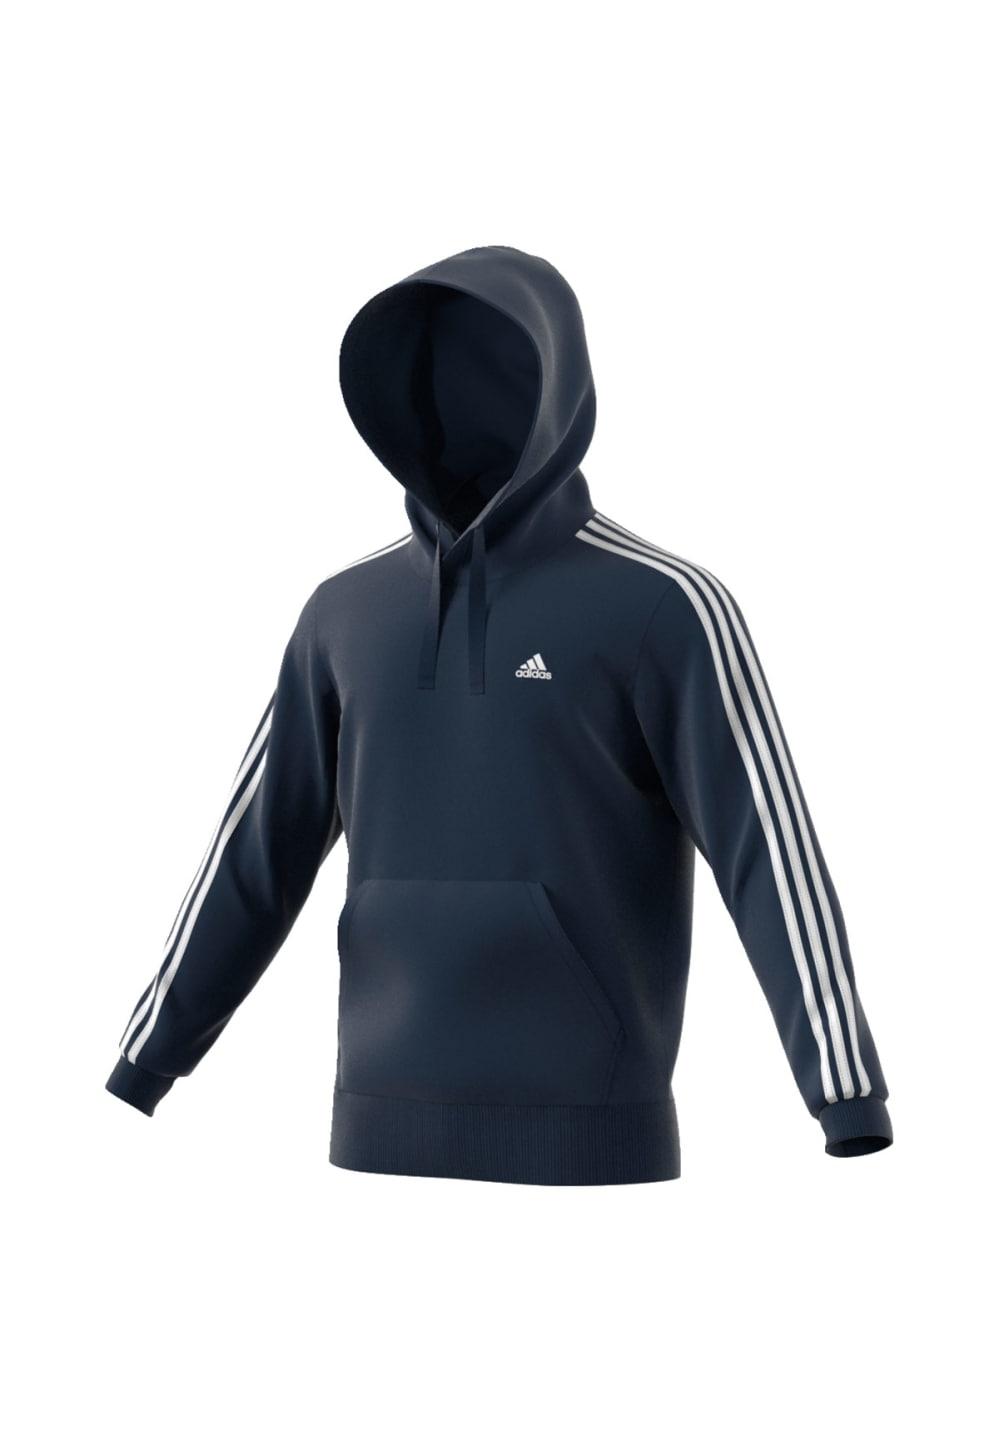 adidas Essentials Pullover Hoodie Sweatshirts & Hoodies für Herren Blau